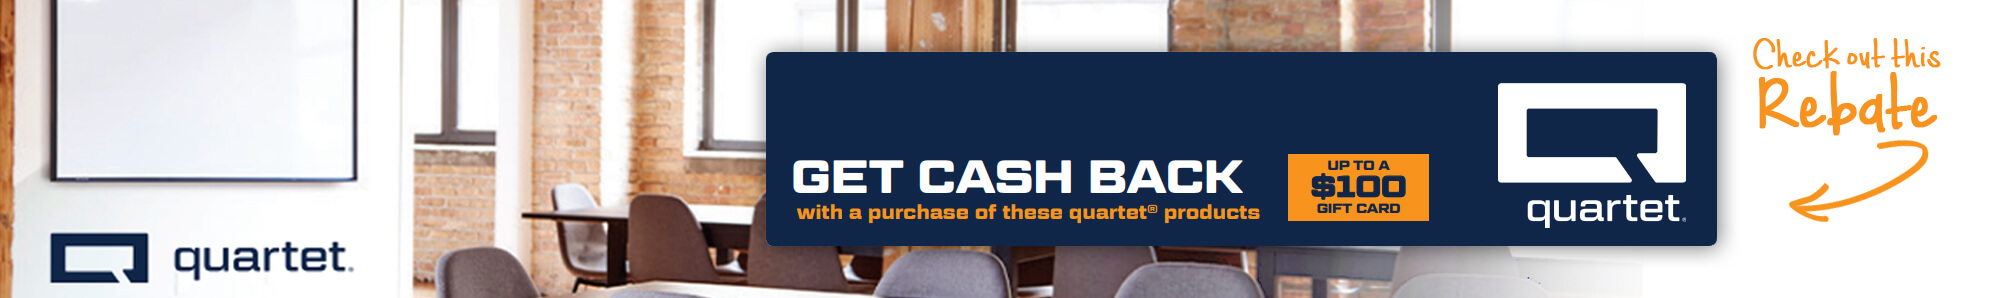 Quartet Rebate